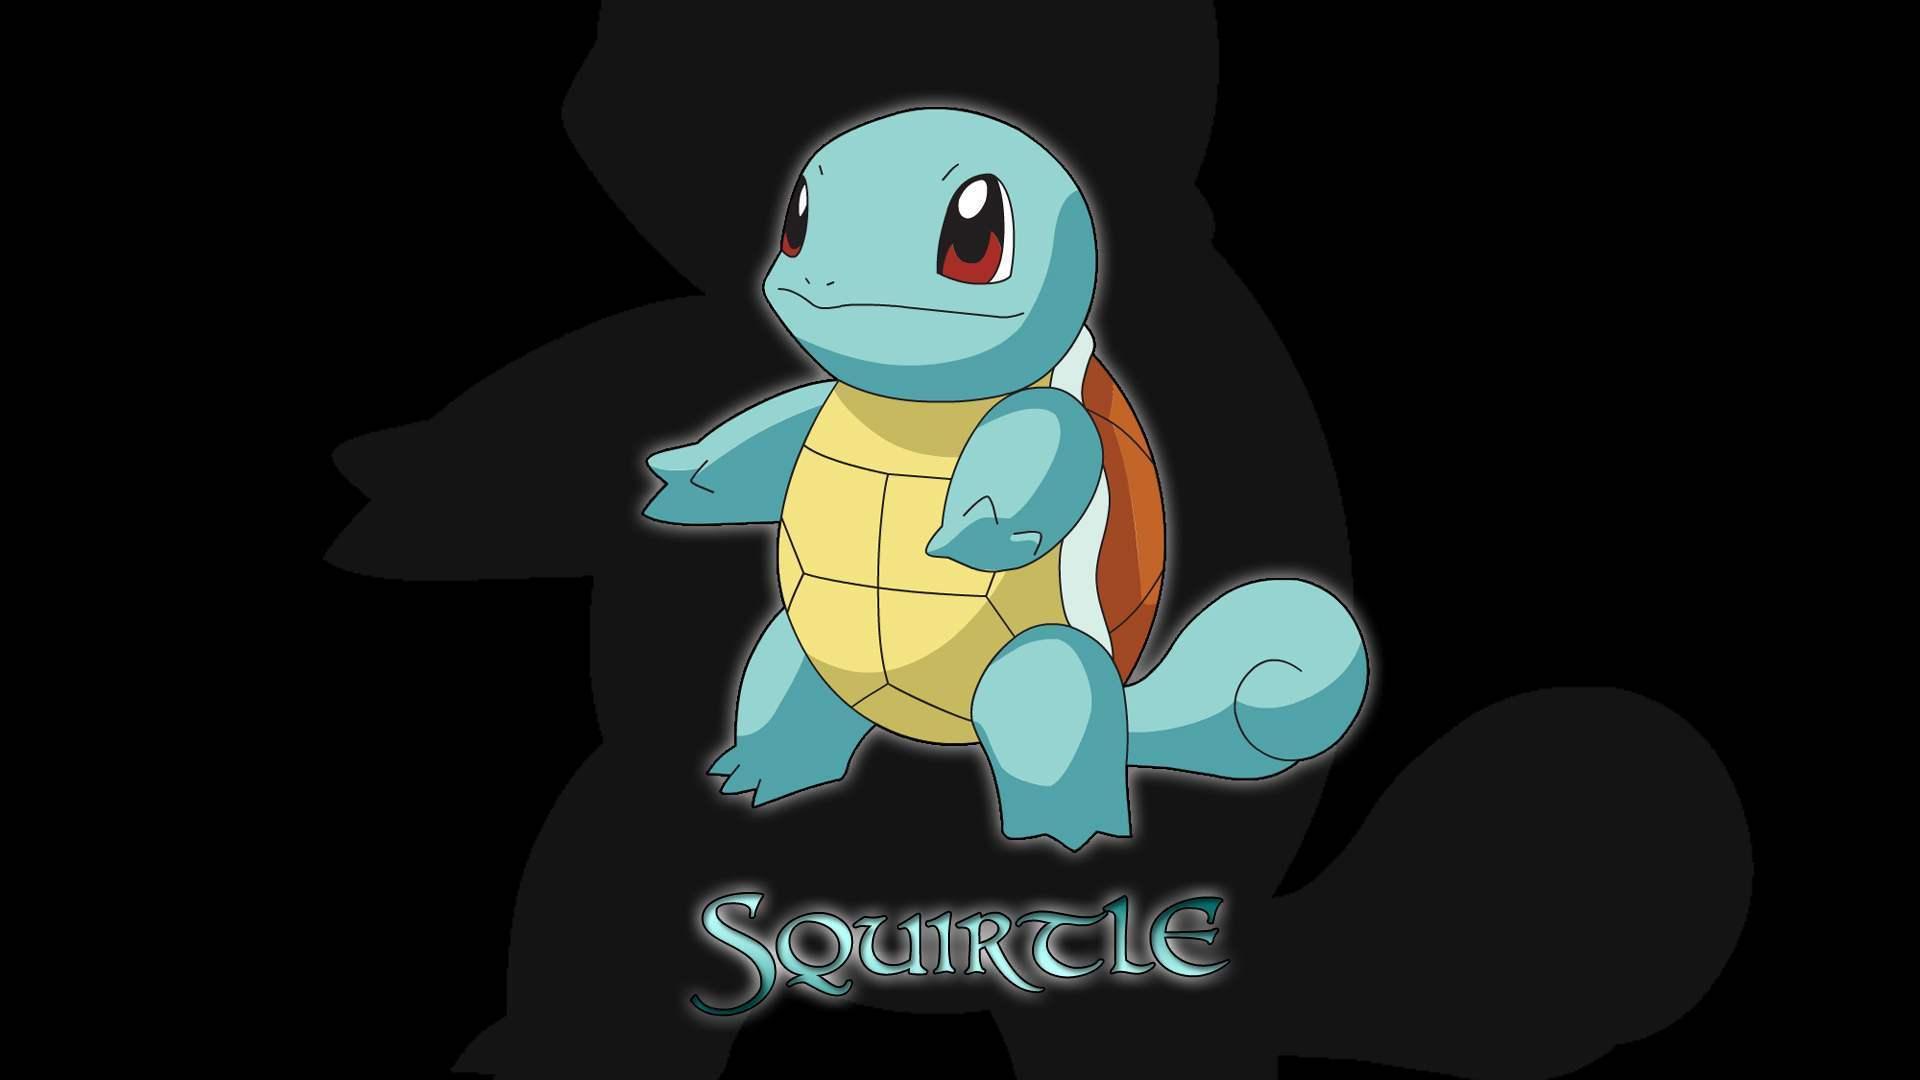 Squirtle Water Type Pokemon Wallpaper 22908332 Fanpop